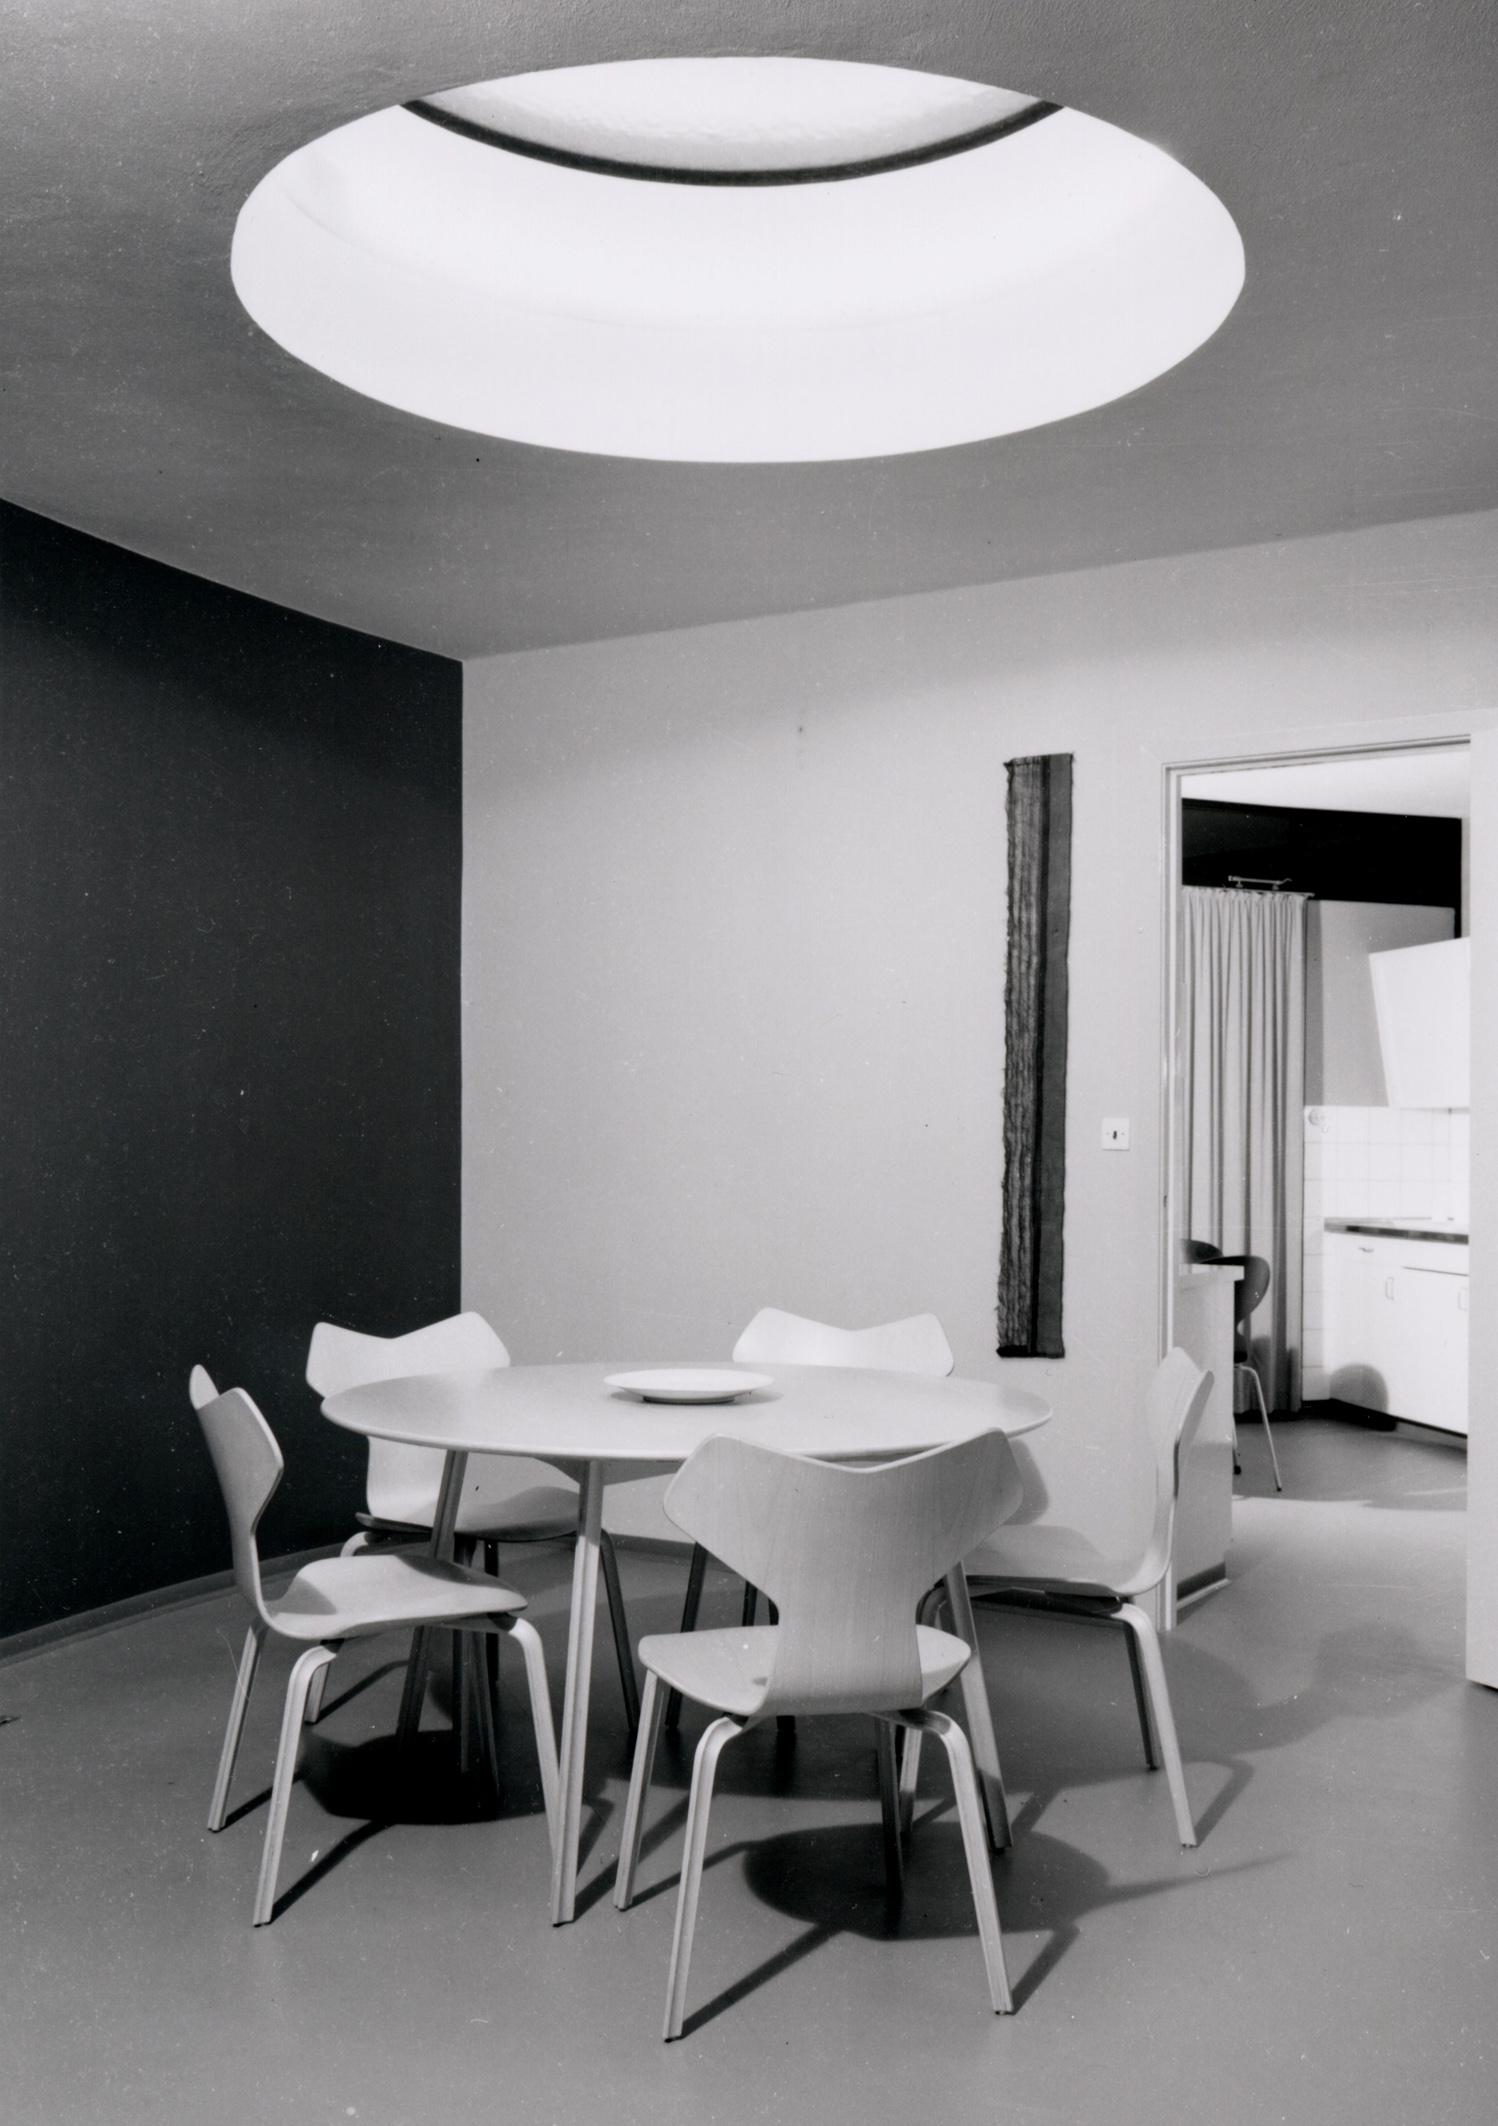 kunst dansk m bel design im wagner werk museum postsparkasse kek in wien. Black Bedroom Furniture Sets. Home Design Ideas